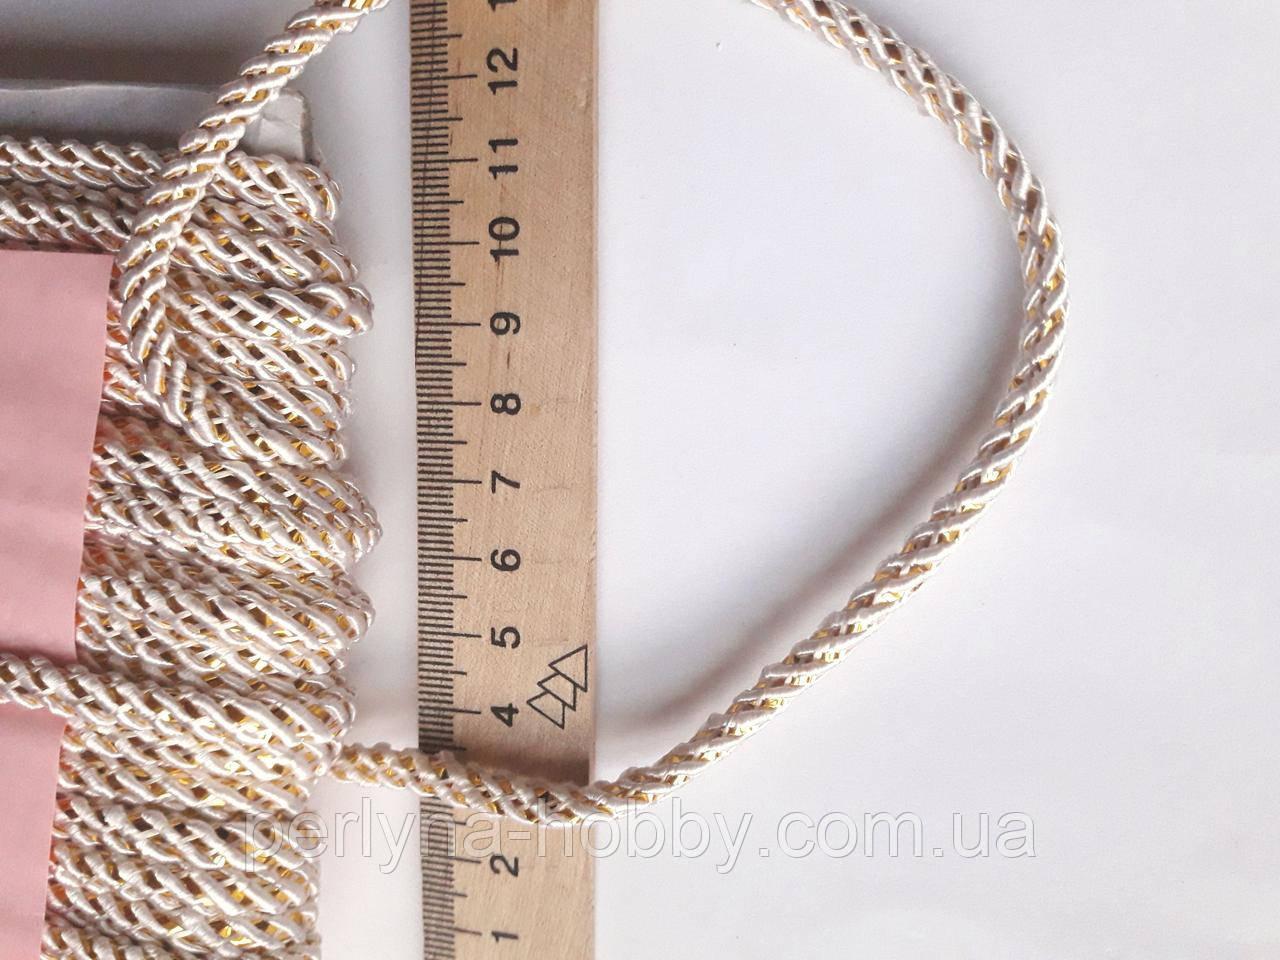 Шнур декоративный текстильный с люрексом золото  5-6 мм.  Шнур декоративний  Білий